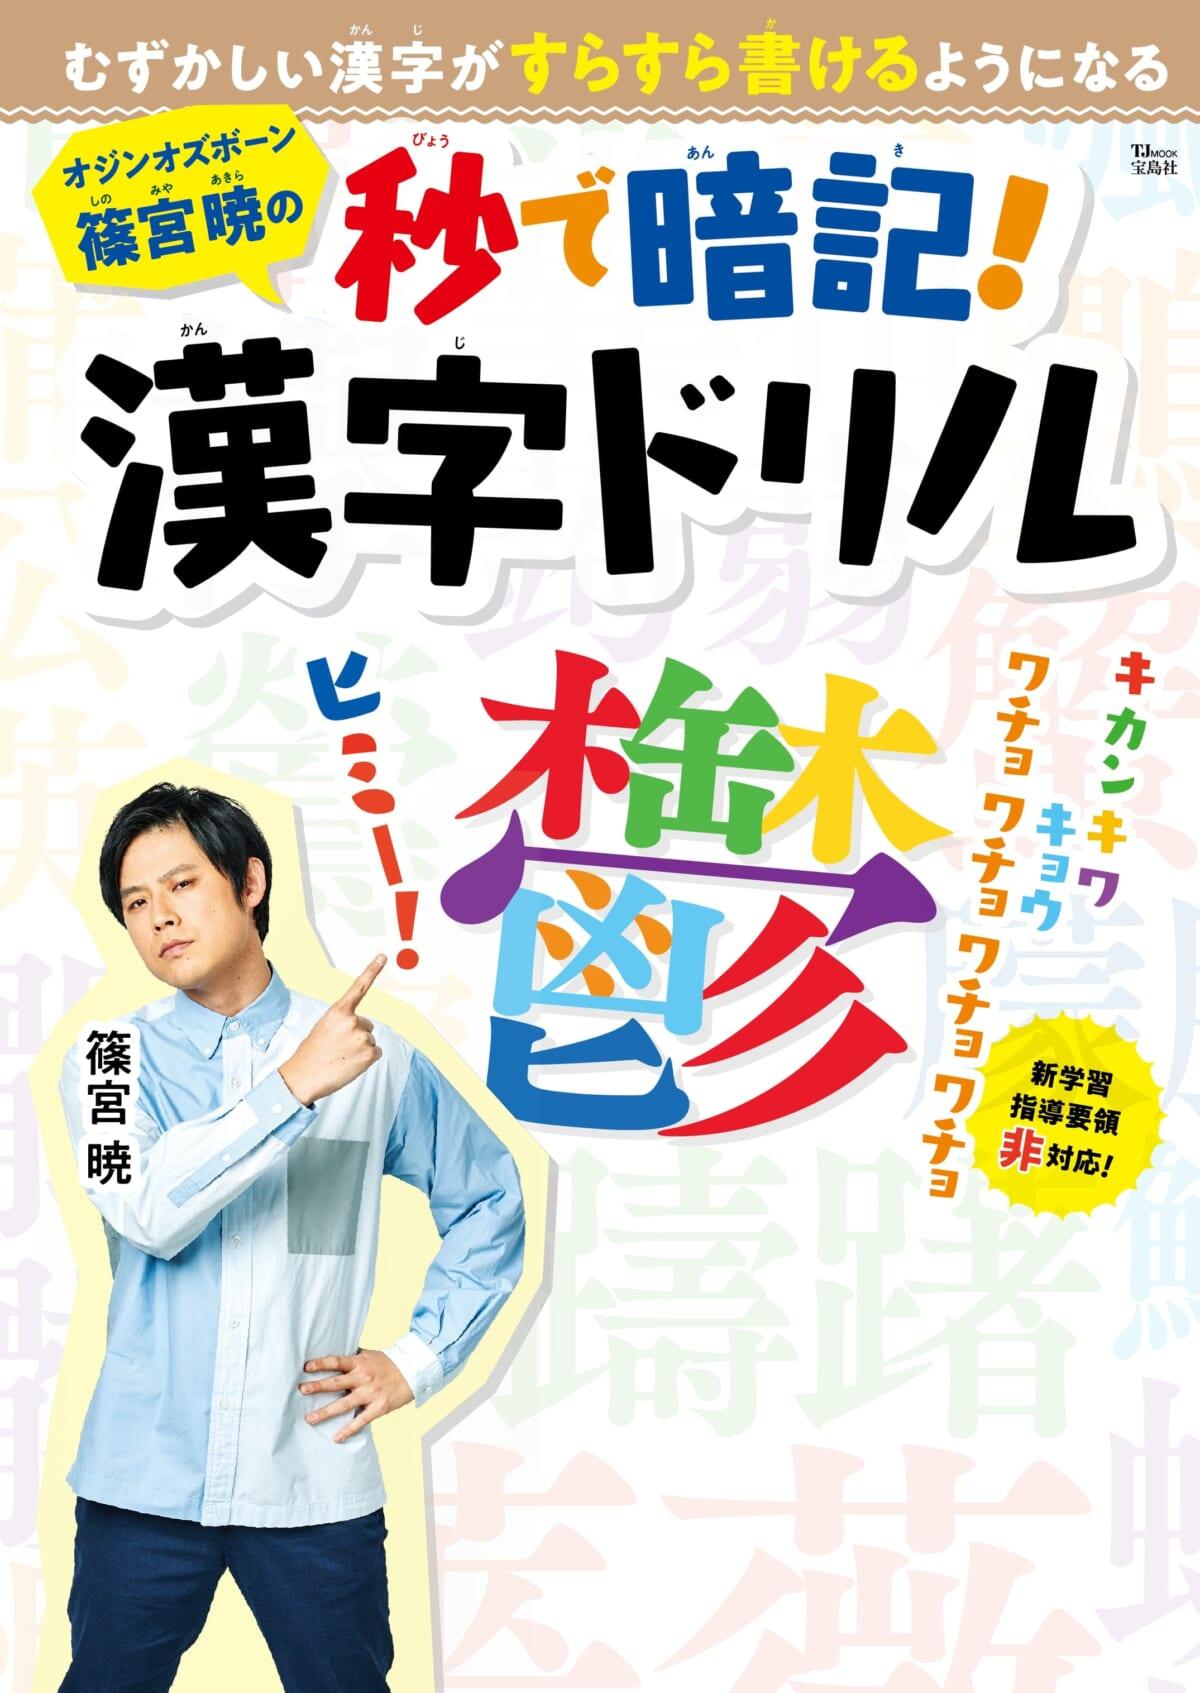 『オジンオズボーン篠宮暁の秒で暗記!漢字ドリル 小学校1・2年生編』